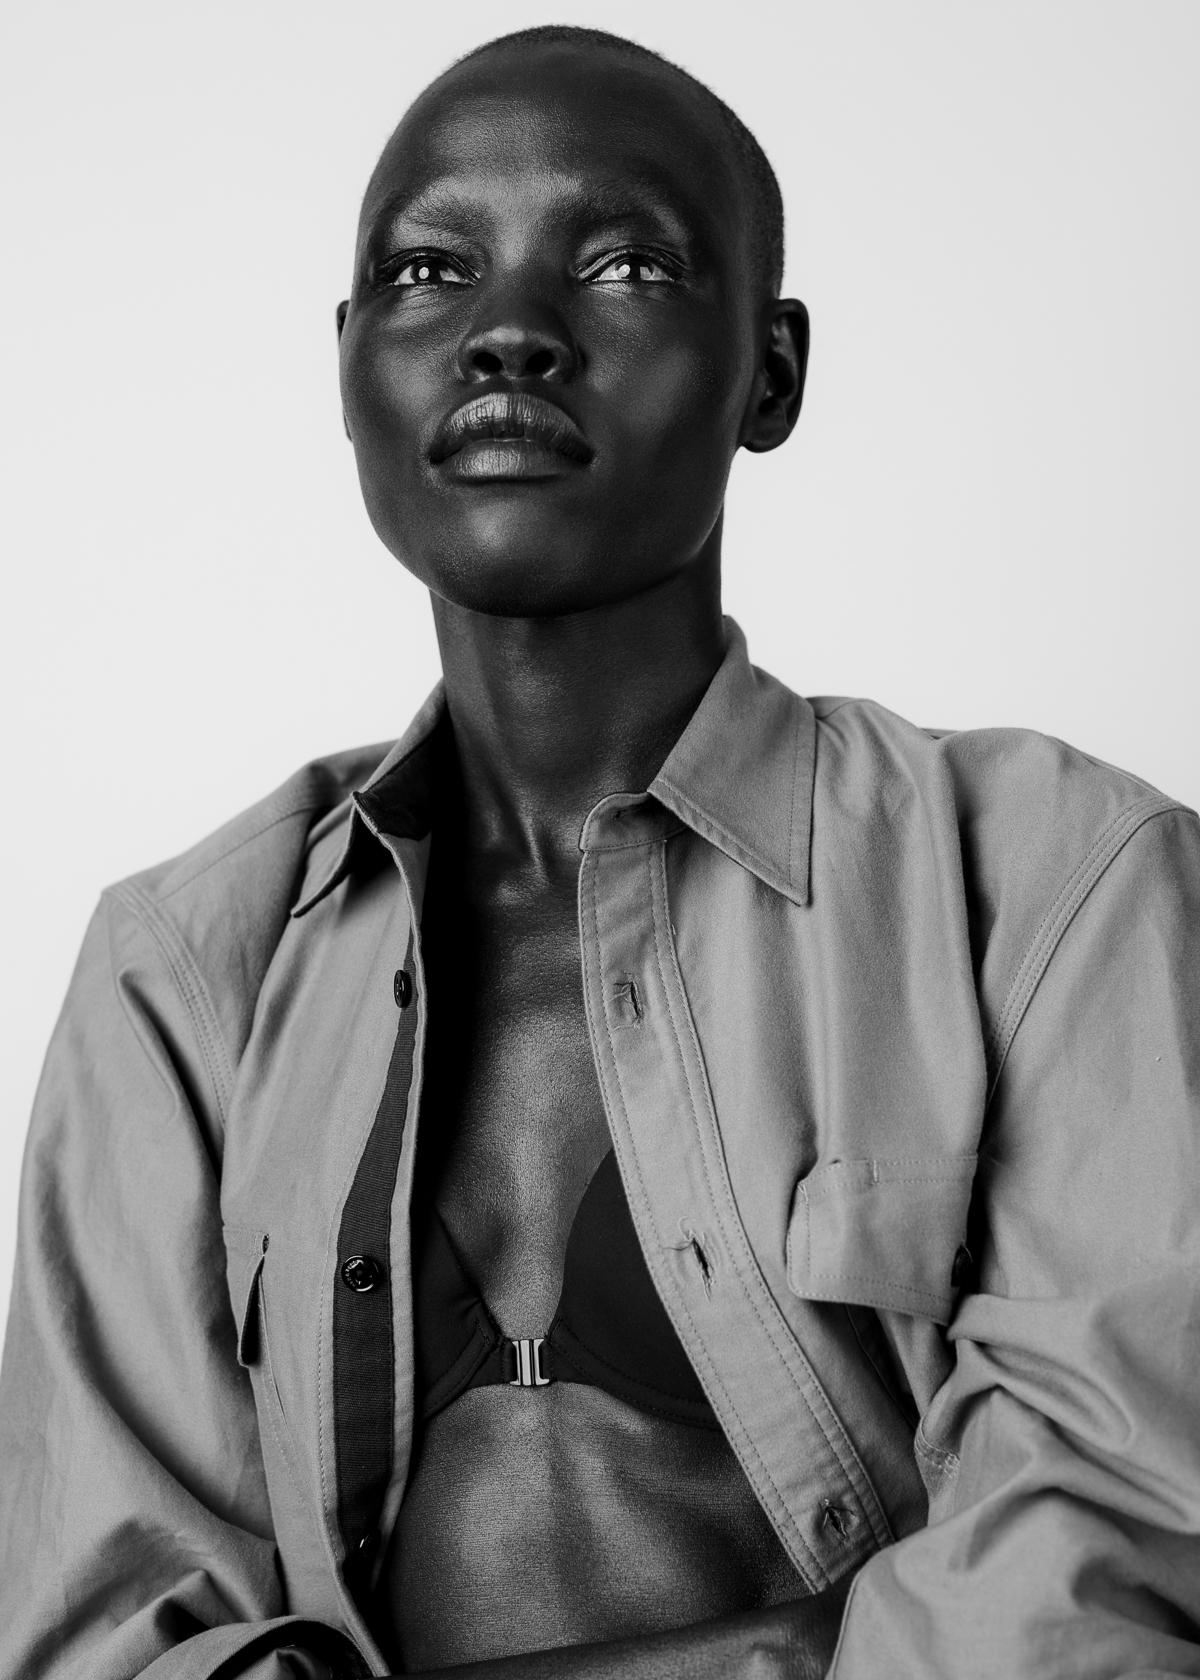 Photo The Lions X Rag & Bone X Fashionography